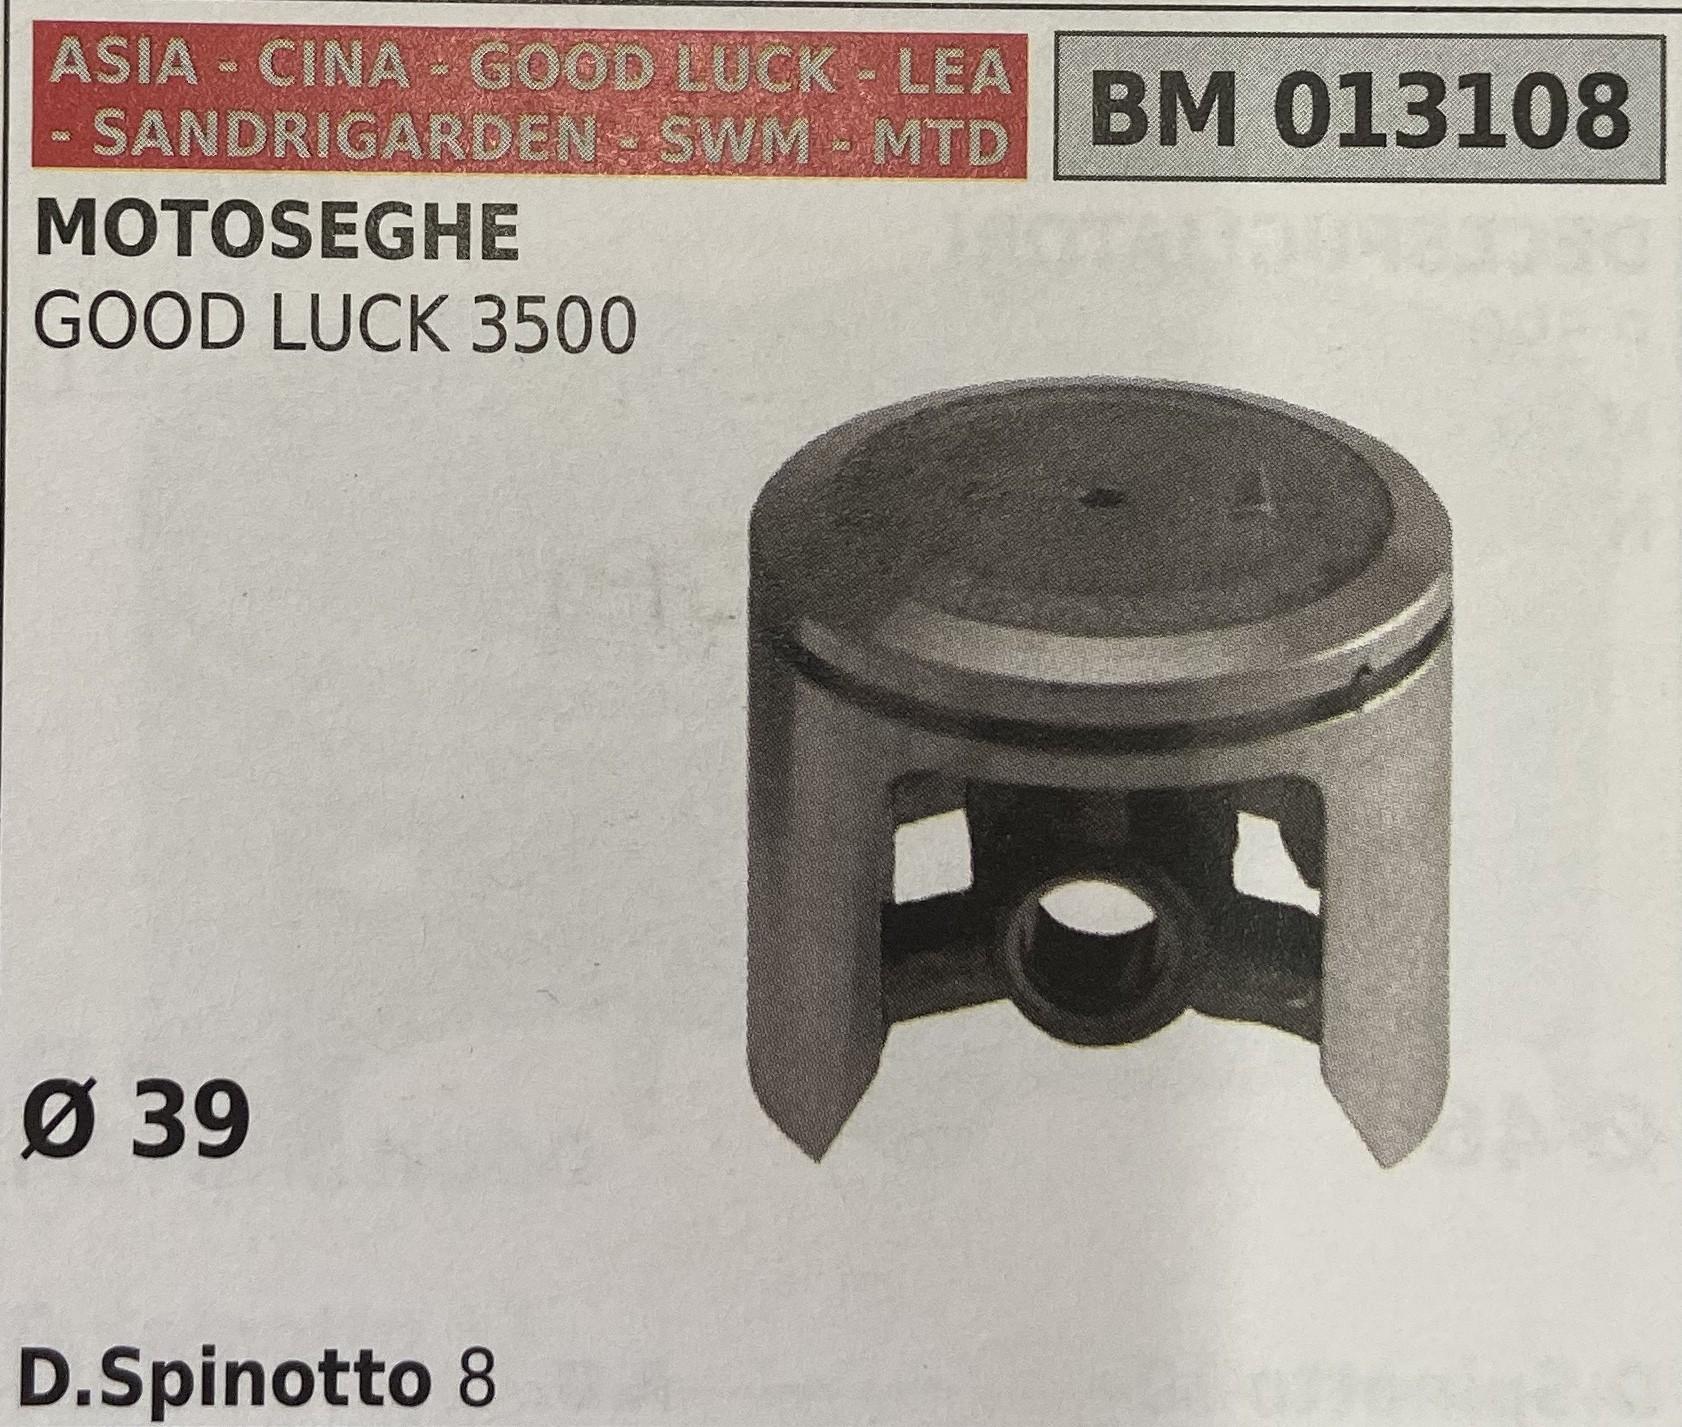 BRUMAR PISTONE COMPLETO ASIA - CINA - GOOD LUCK - LEA - SANDRIGARDEN - SWM - MTD MOTOSEGHE GOOD LUCK 3500  Ø 39 D.Spinotto 8  R.O. -